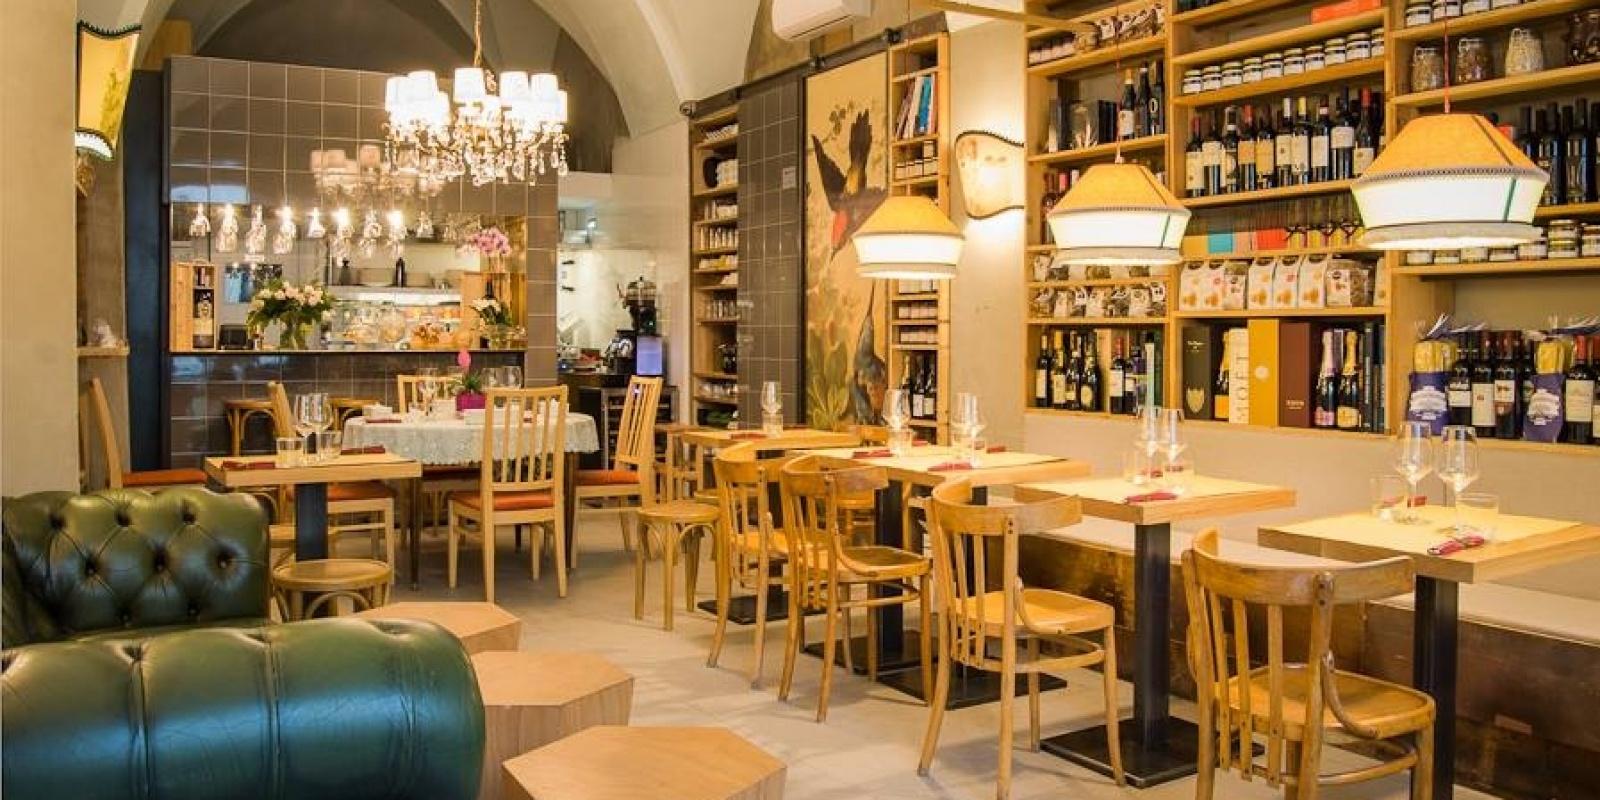 3 ristoranti di lecce con una bellissima cucina a vista - Cucina con vetrata a vista ...